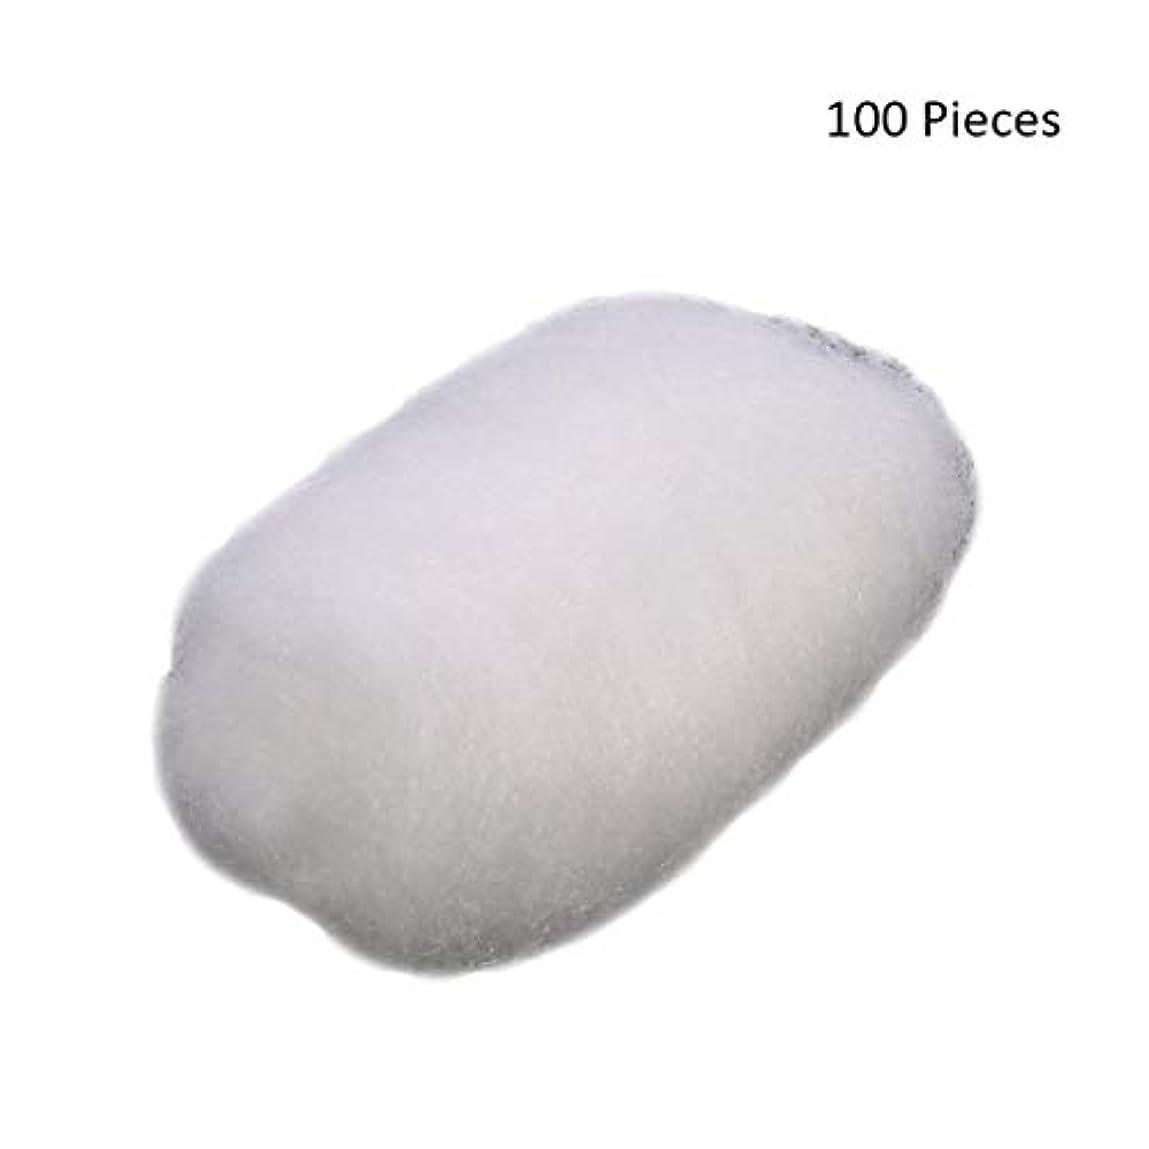 旅行者くちばし政府100ピース/バッグフェイスメイクアップリムーバーコットンボールタトゥー消毒メイククレンジングローション化粧品除去コットンボール (Color : White)